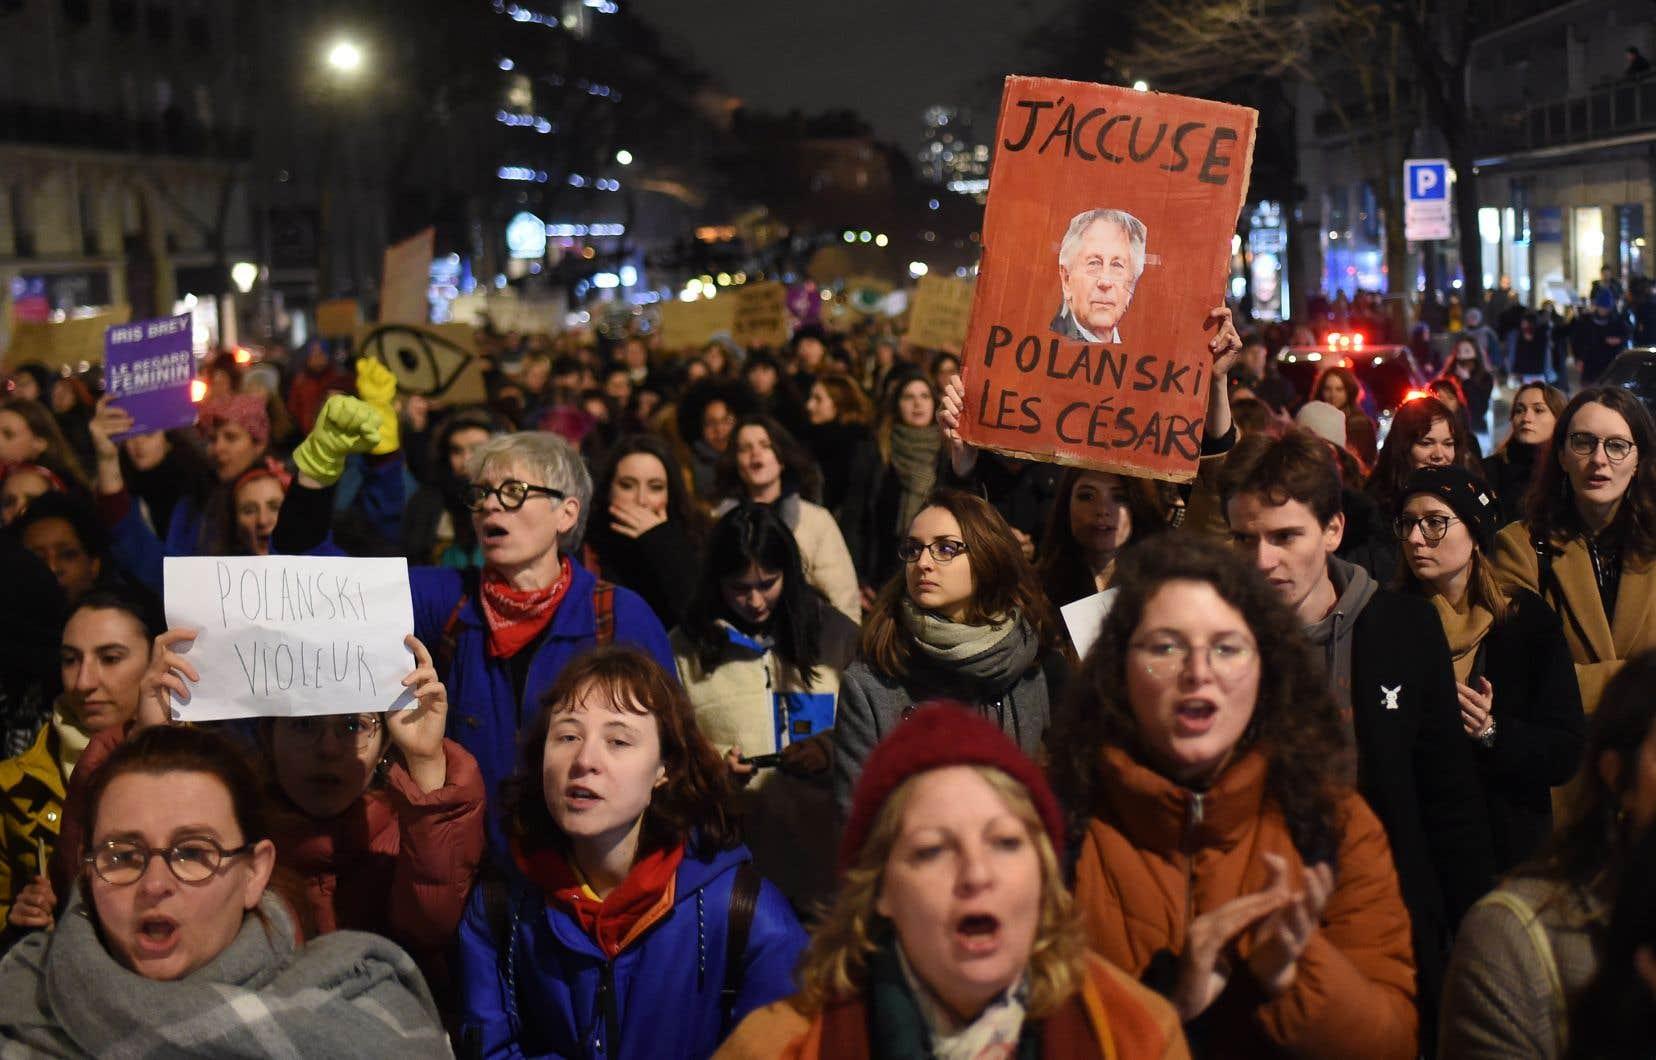 «Ce que révèlent les nombreux soutiens à Polanski, c'est la montée d'une puissante riposte au mouvement #MeToo», soutient l'auteure.